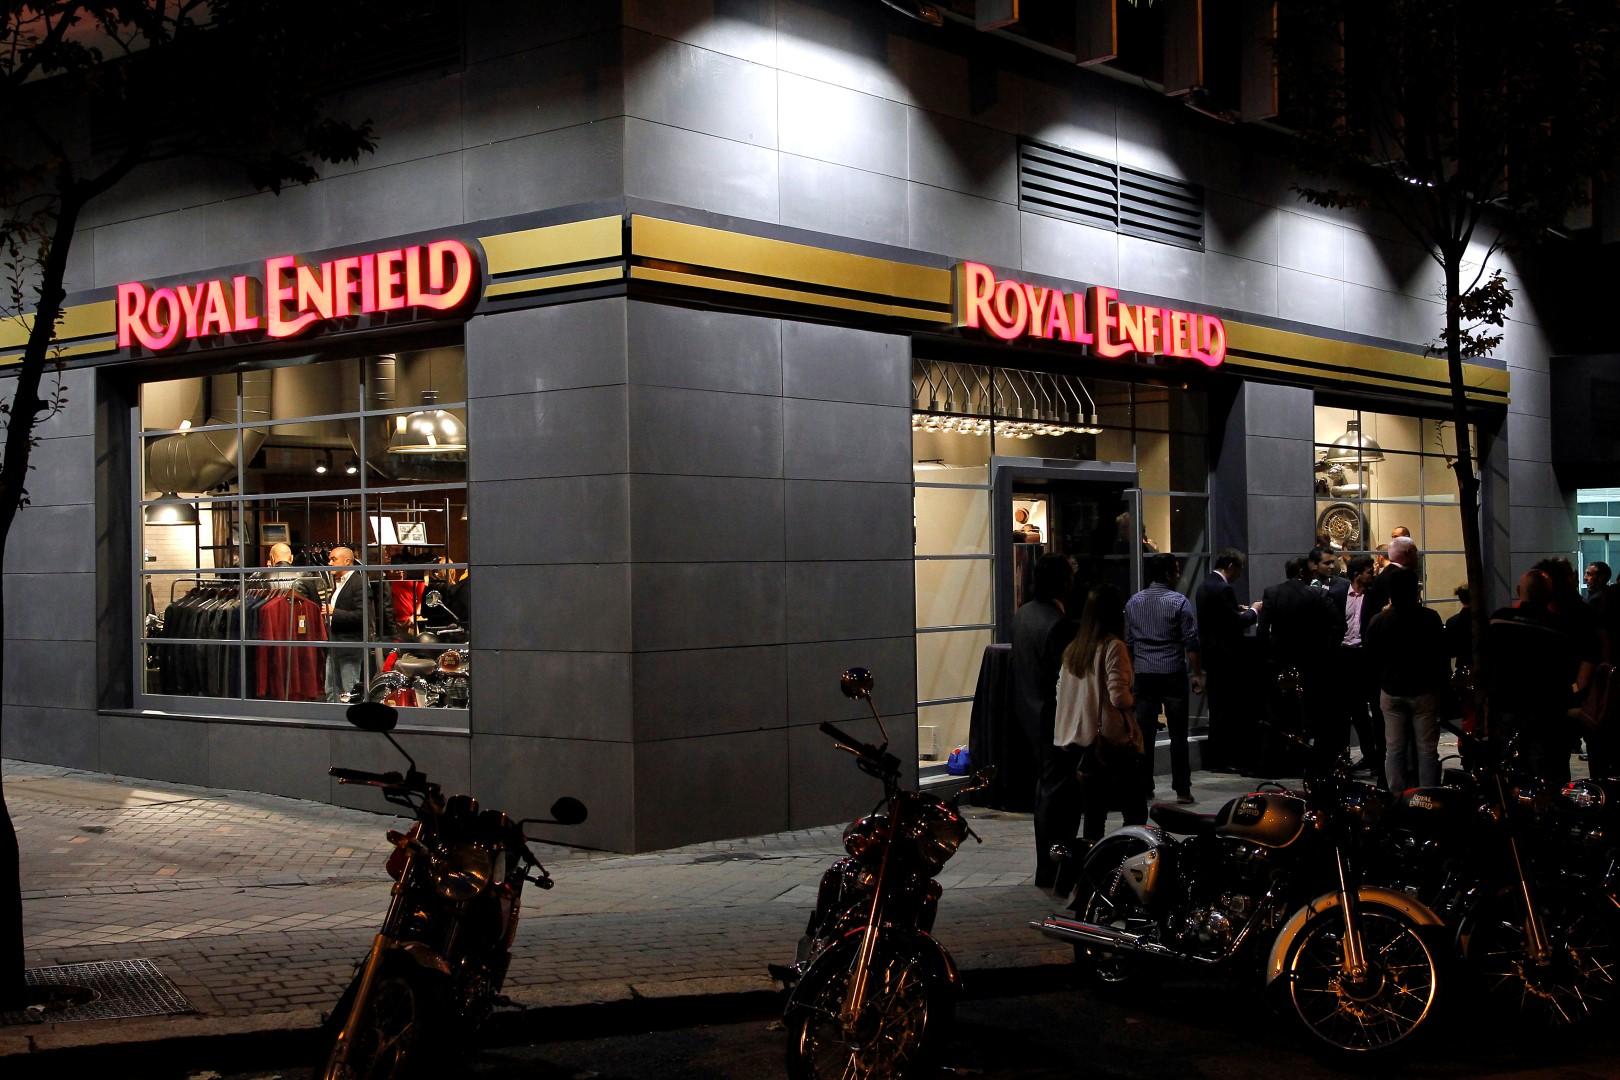 ¡Apúntate a la Fiesta Royal Enfield este viernes!